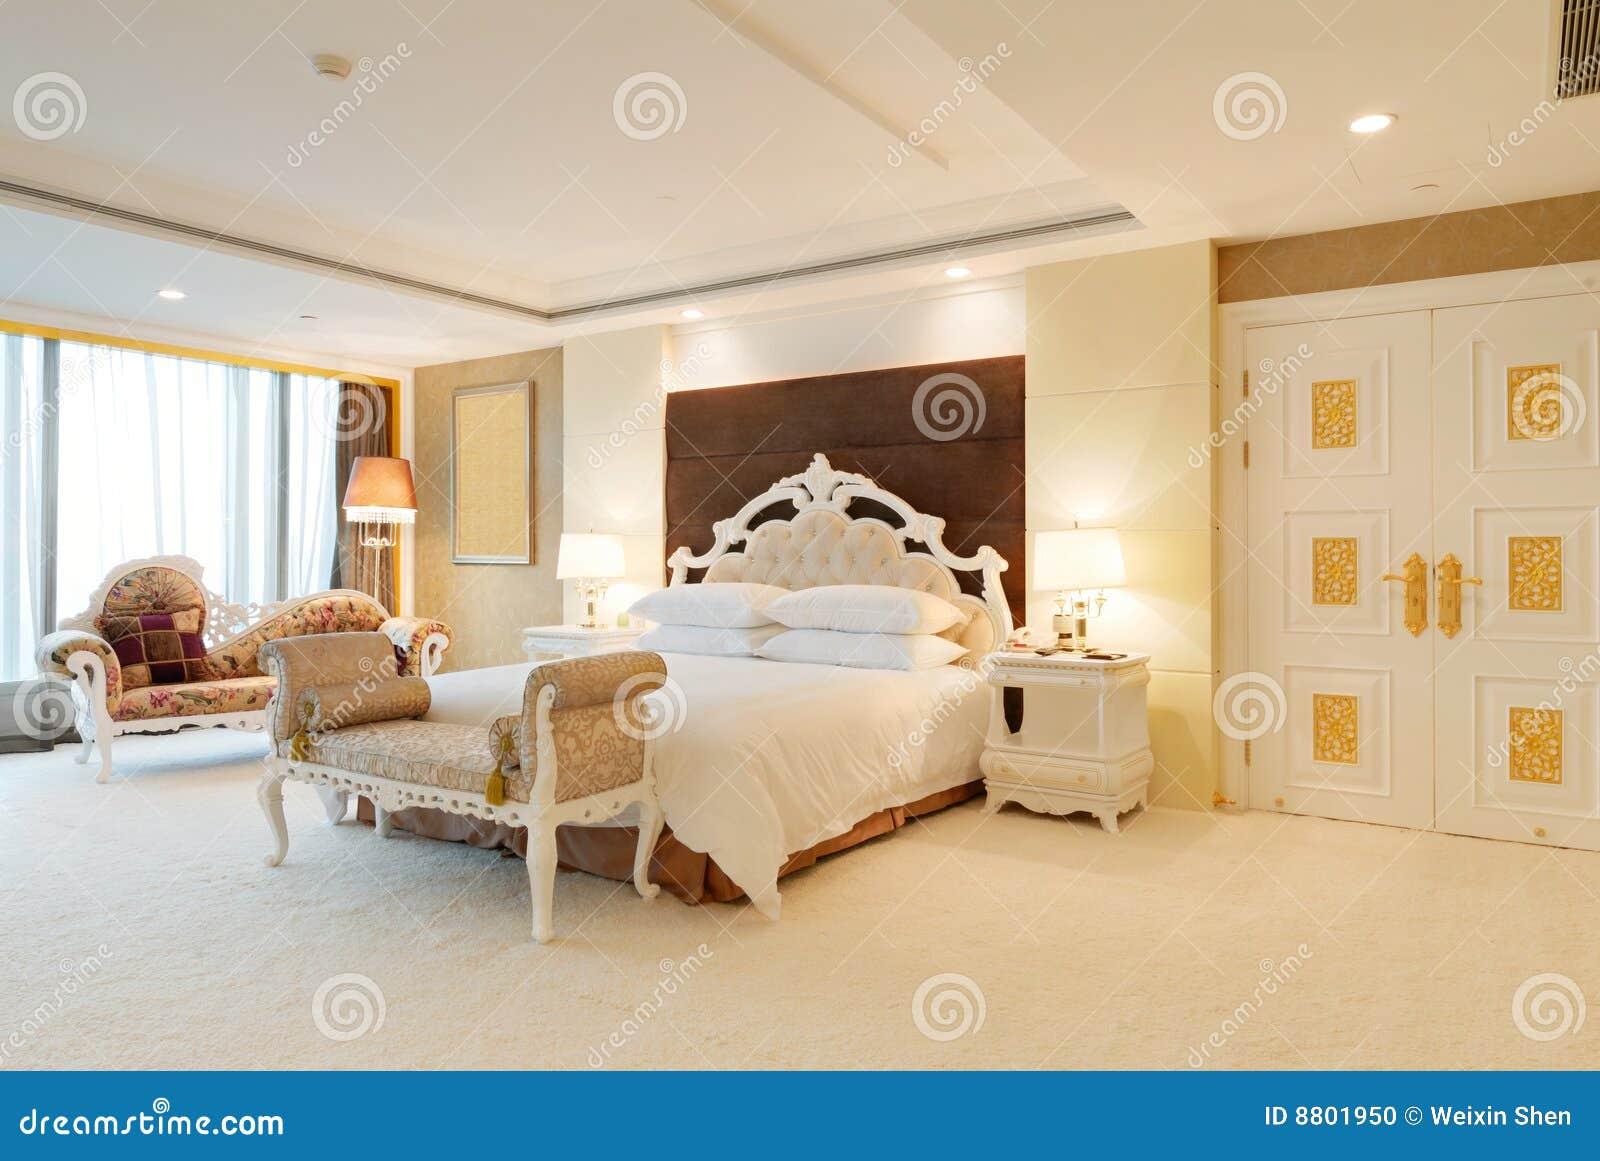 Camerette di lusso decorazioni per camerette per bambini for Disegni della camera da letto della spiaggia